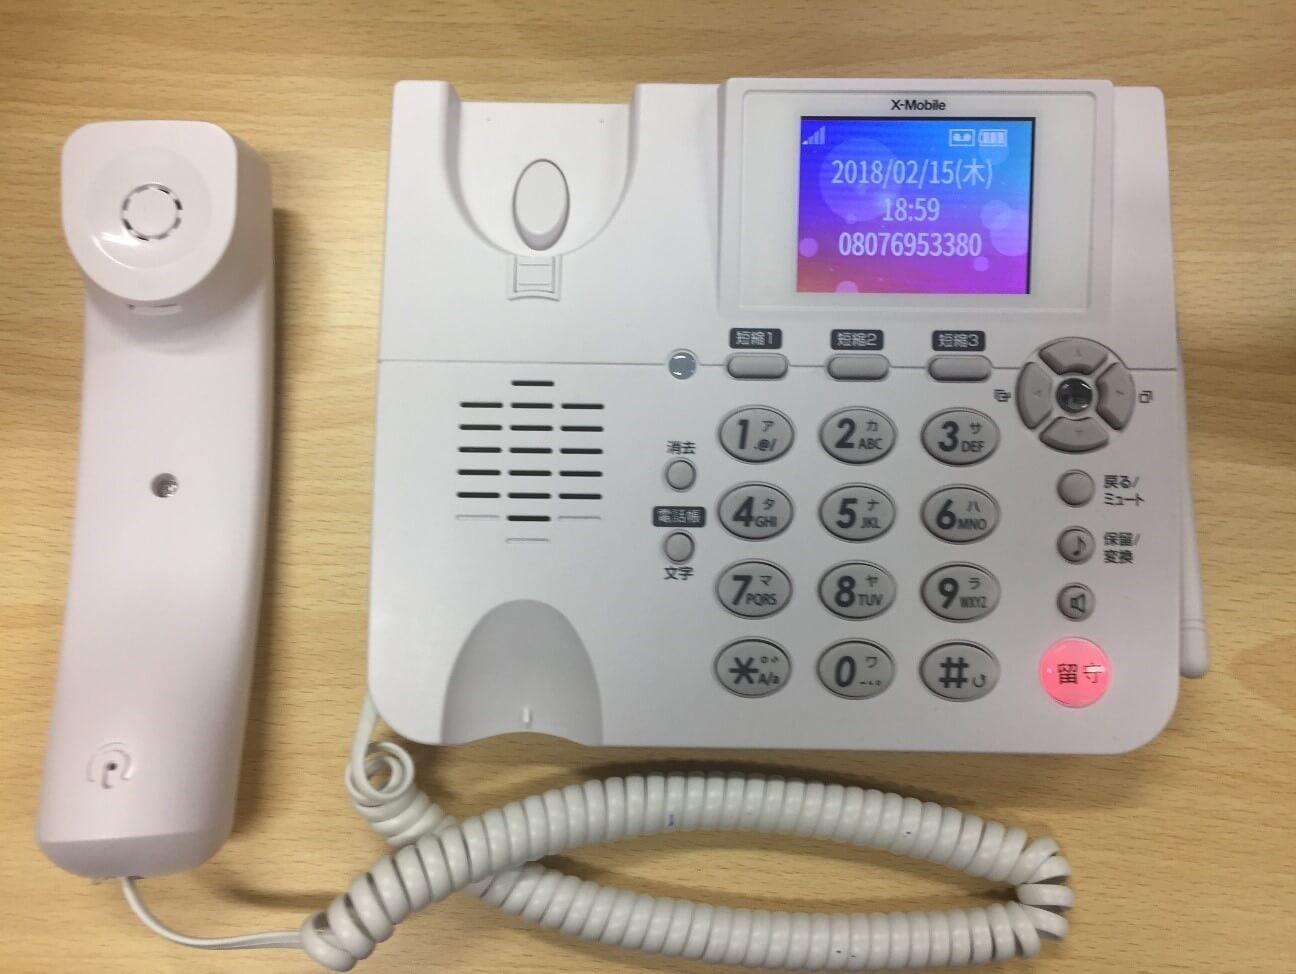 エックスモバイルスゴい電話(すごい電話)留守番電話設定